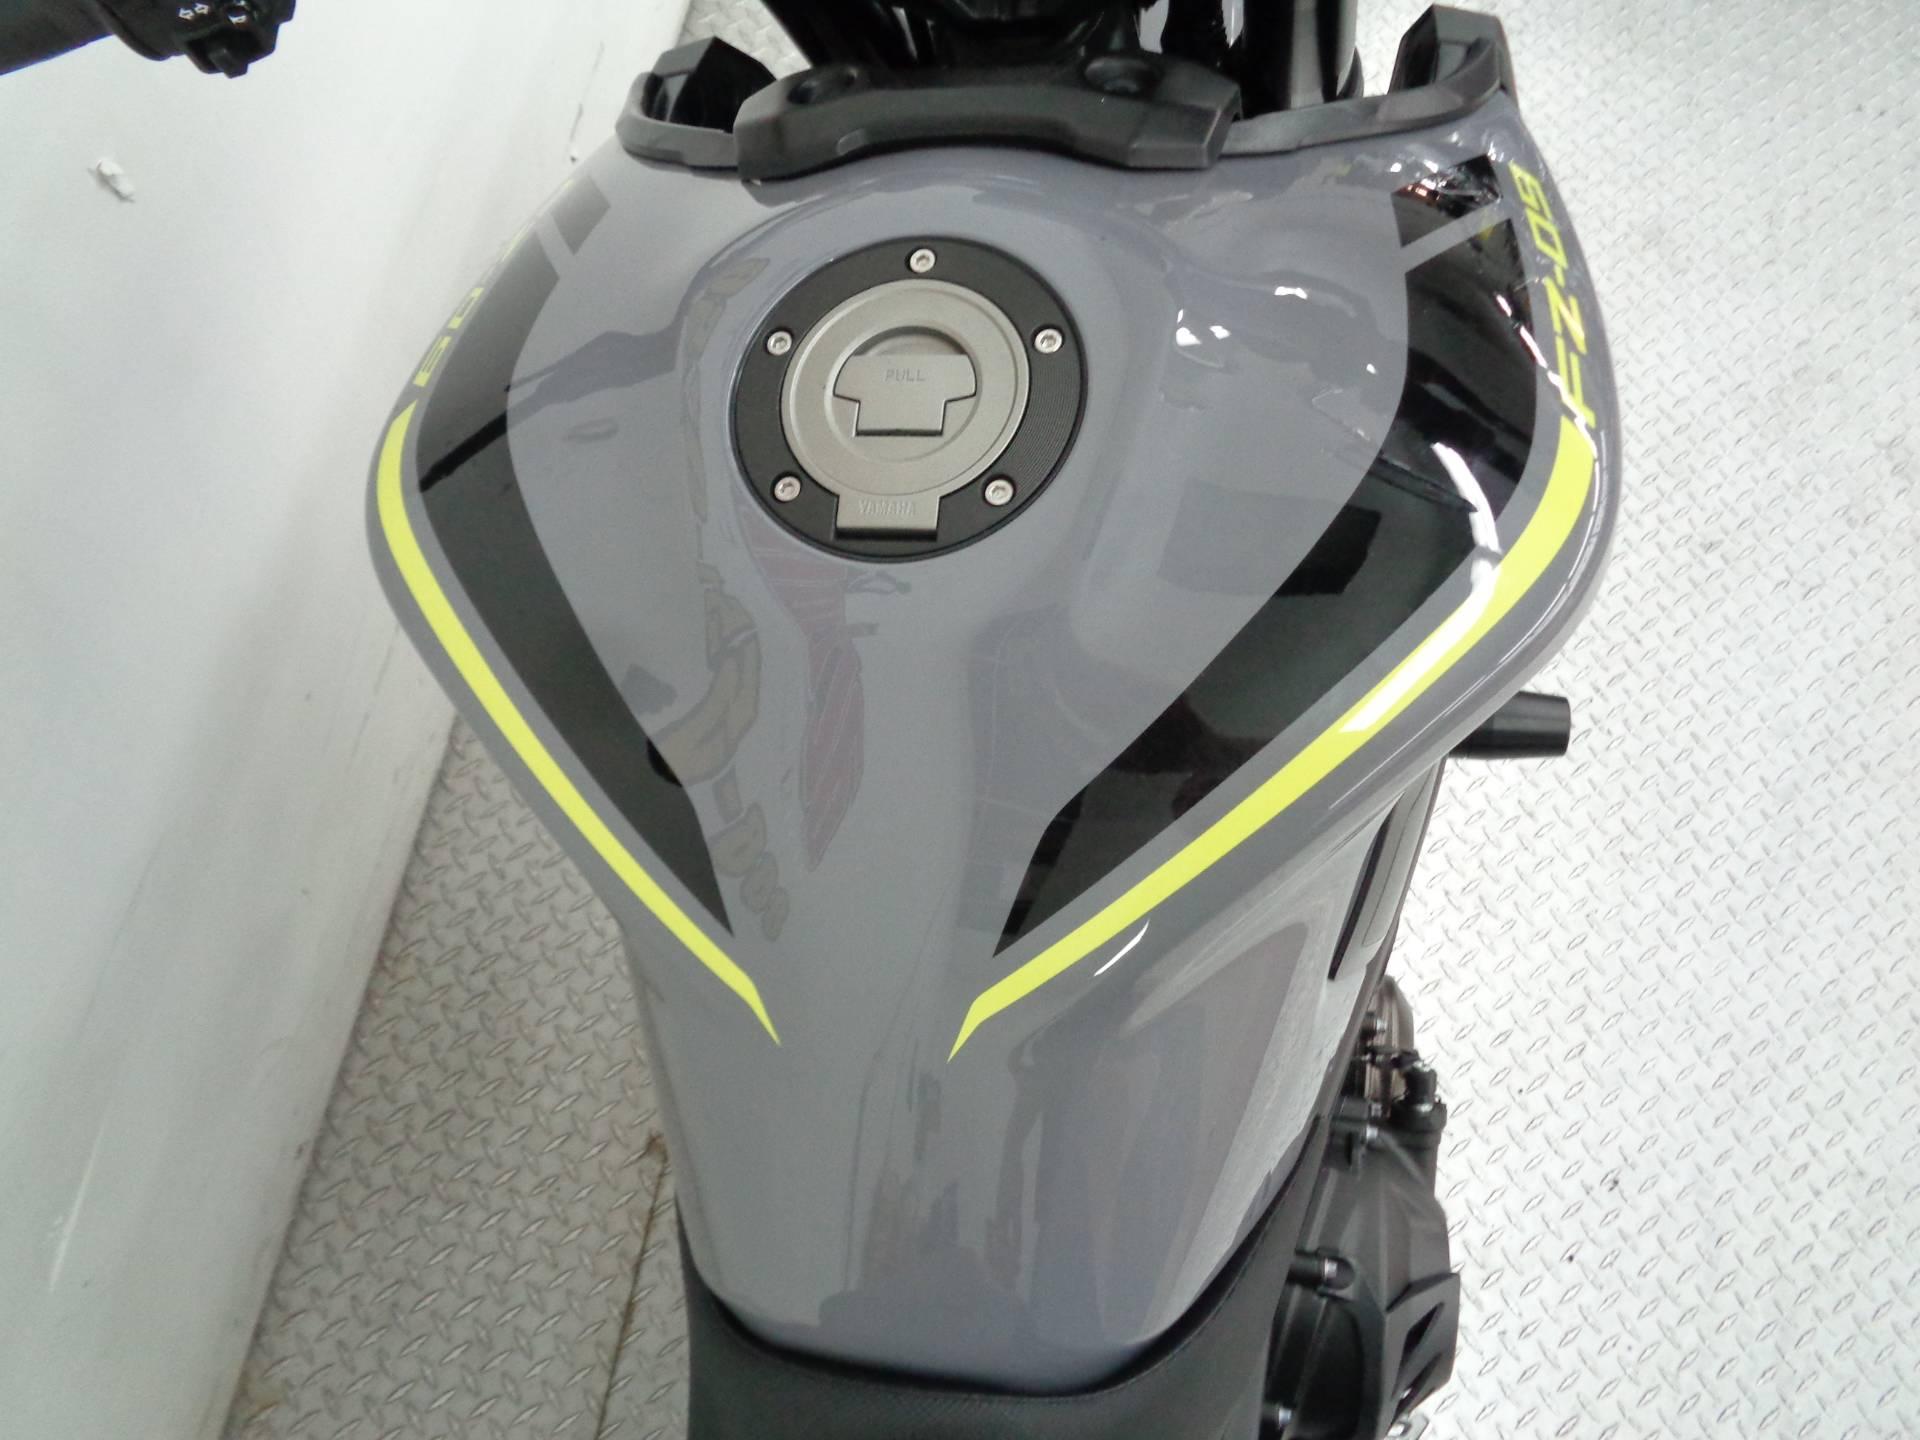 2016 Yamaha FZ-09 8